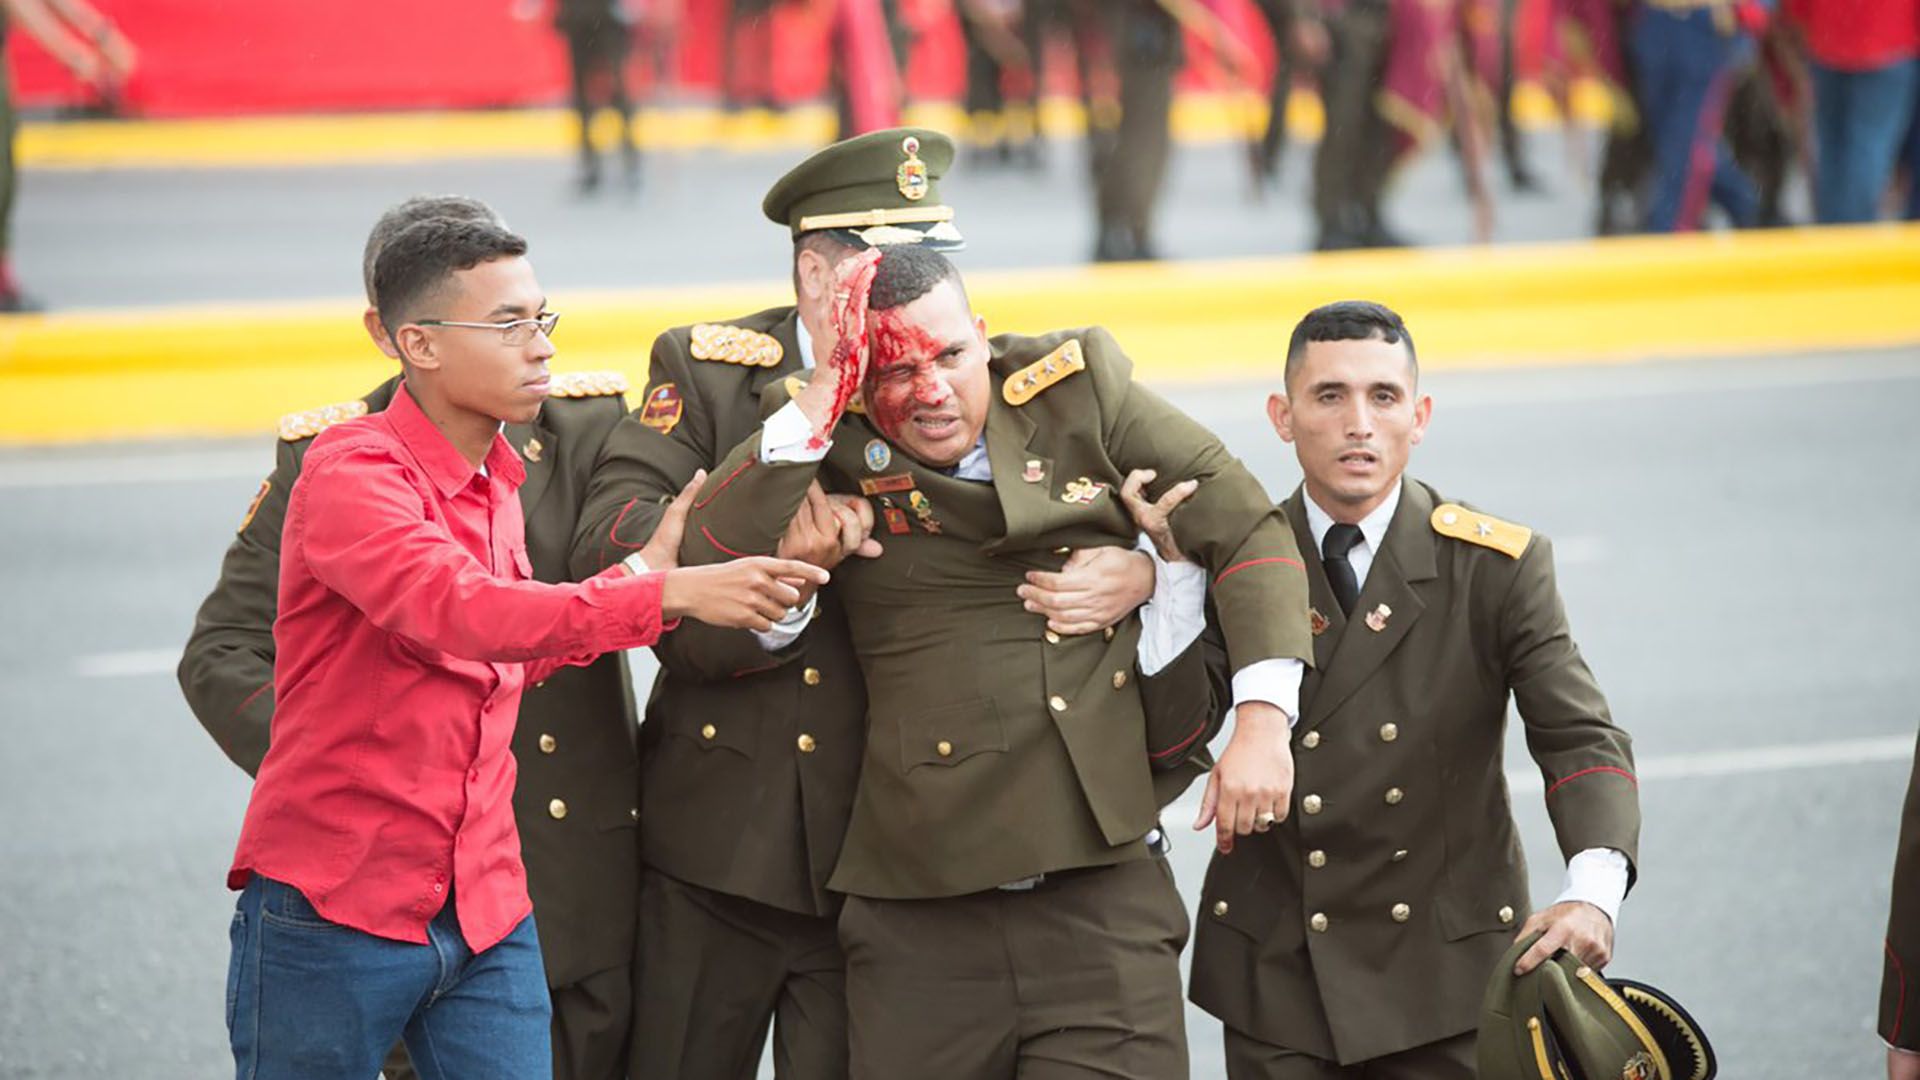 Uno de los siete heridos durante el acto sobre la avenida Bolívar (@XHespanol)